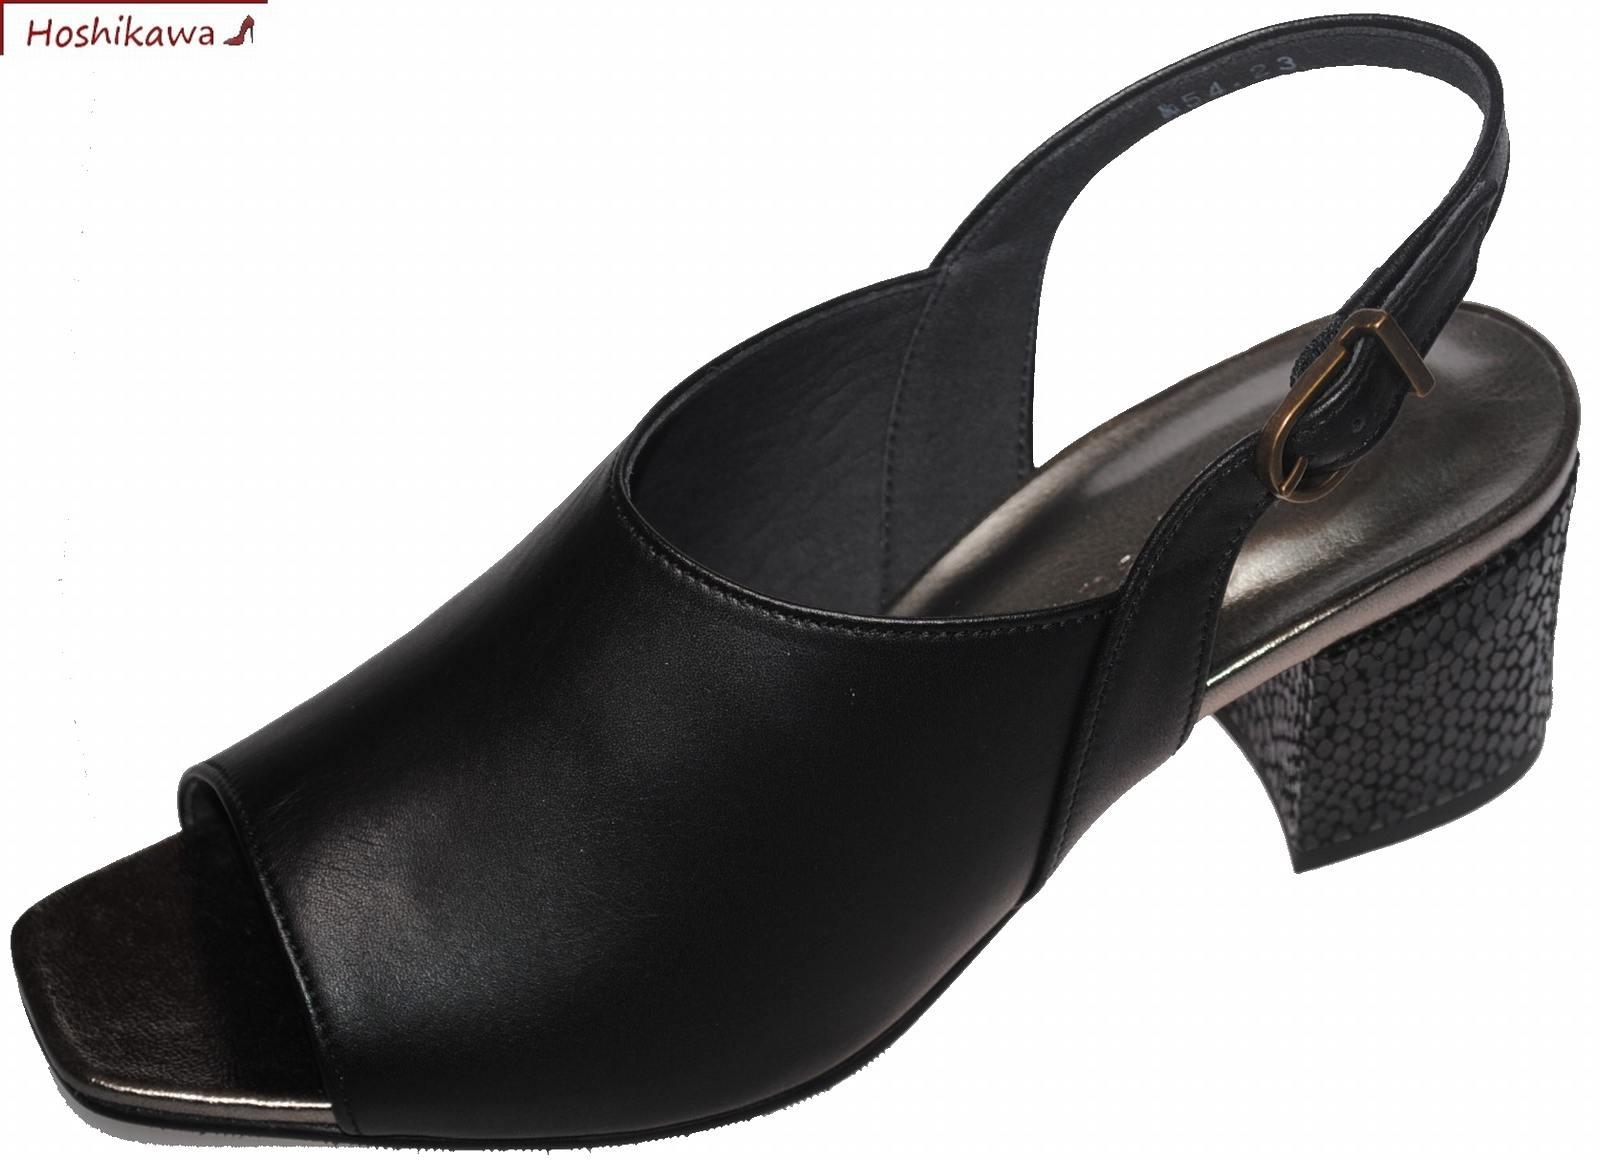 【靴のHOSHIKAWA】 『Dona Miss 54』21cm~25cm